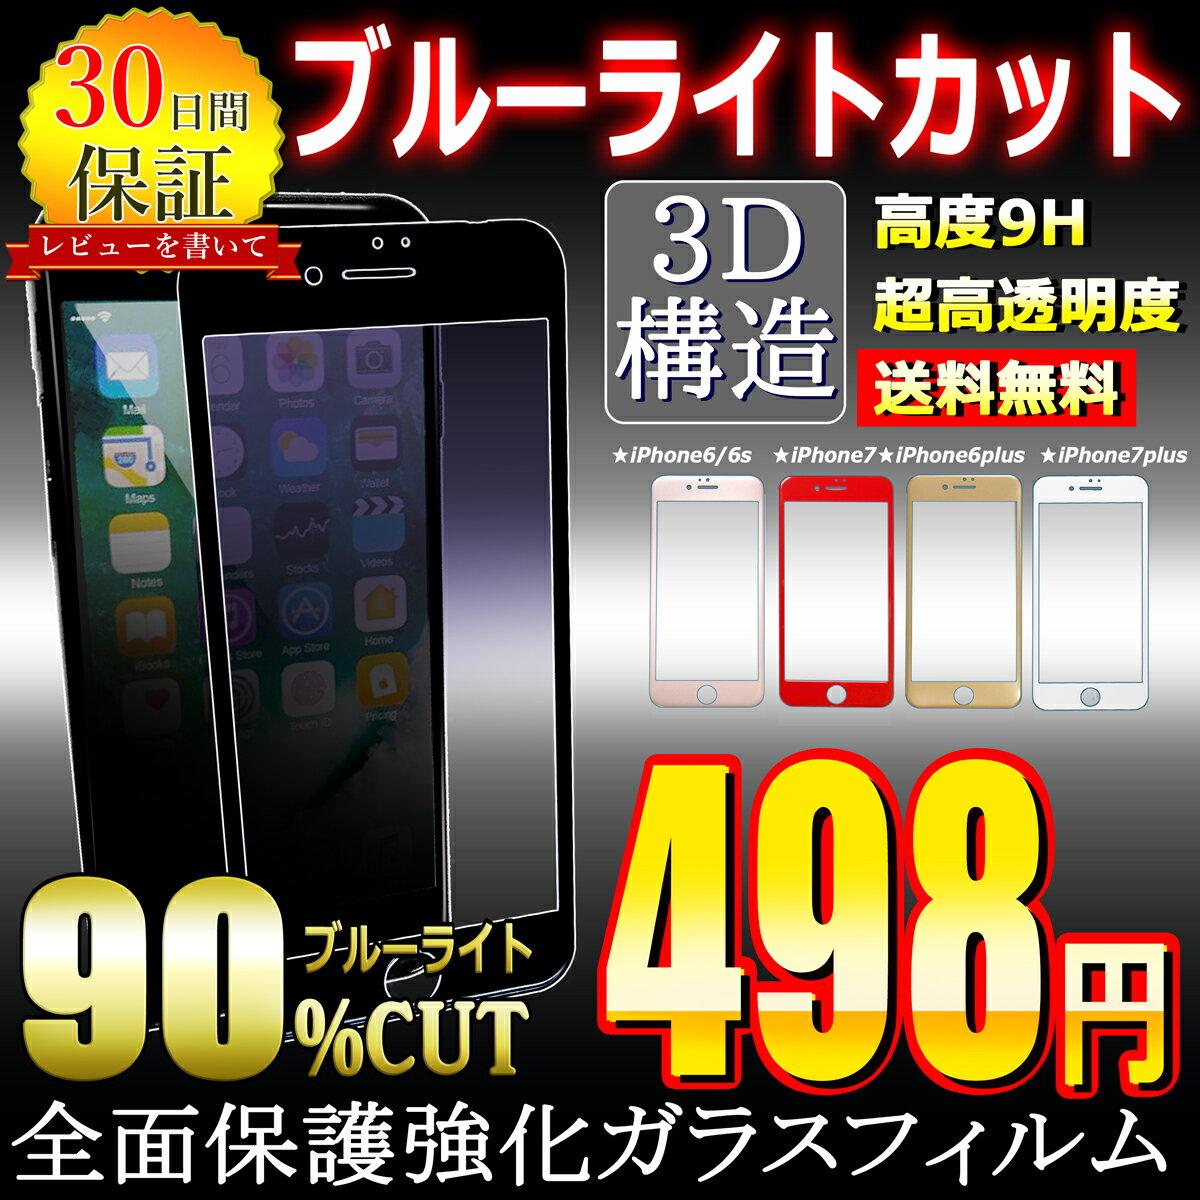 全面保護 3D 9H ブルーライト ガラスフィルム iPhoneX iPhone8 iPhone8plus iPhone7 iPhone6s iPhone6 plus 強化ガラスフィルム 傷防止、超高硬度、ラウンドエッジ、高透過率、極薄0.2mm、炭素繊維+9Hガラス